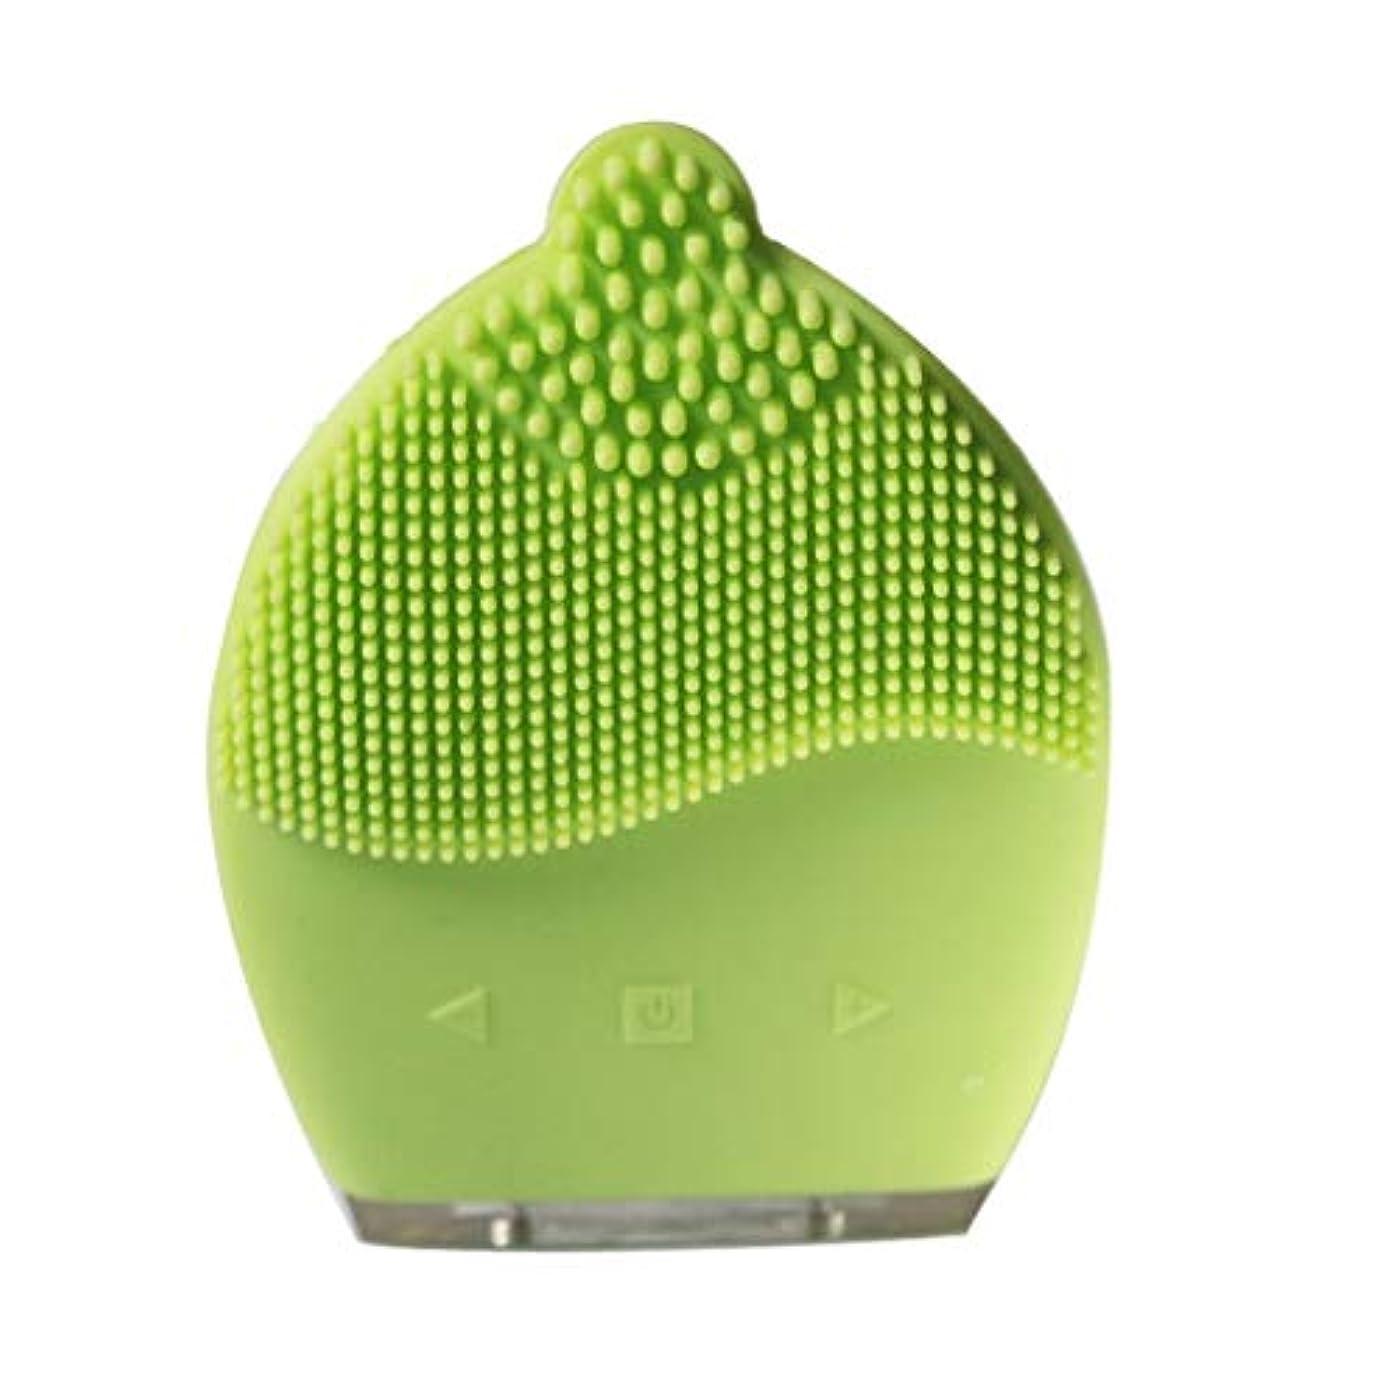 ラフレシアアルノルディ祈るめる電気シリコーンクレンジング器具、USBフェイシャルシリコーンポータブルフェイシャルマッサージャーディープエクスフォリエイティングジェントル&ディープクレンジングフェイシャル (Color : Green)